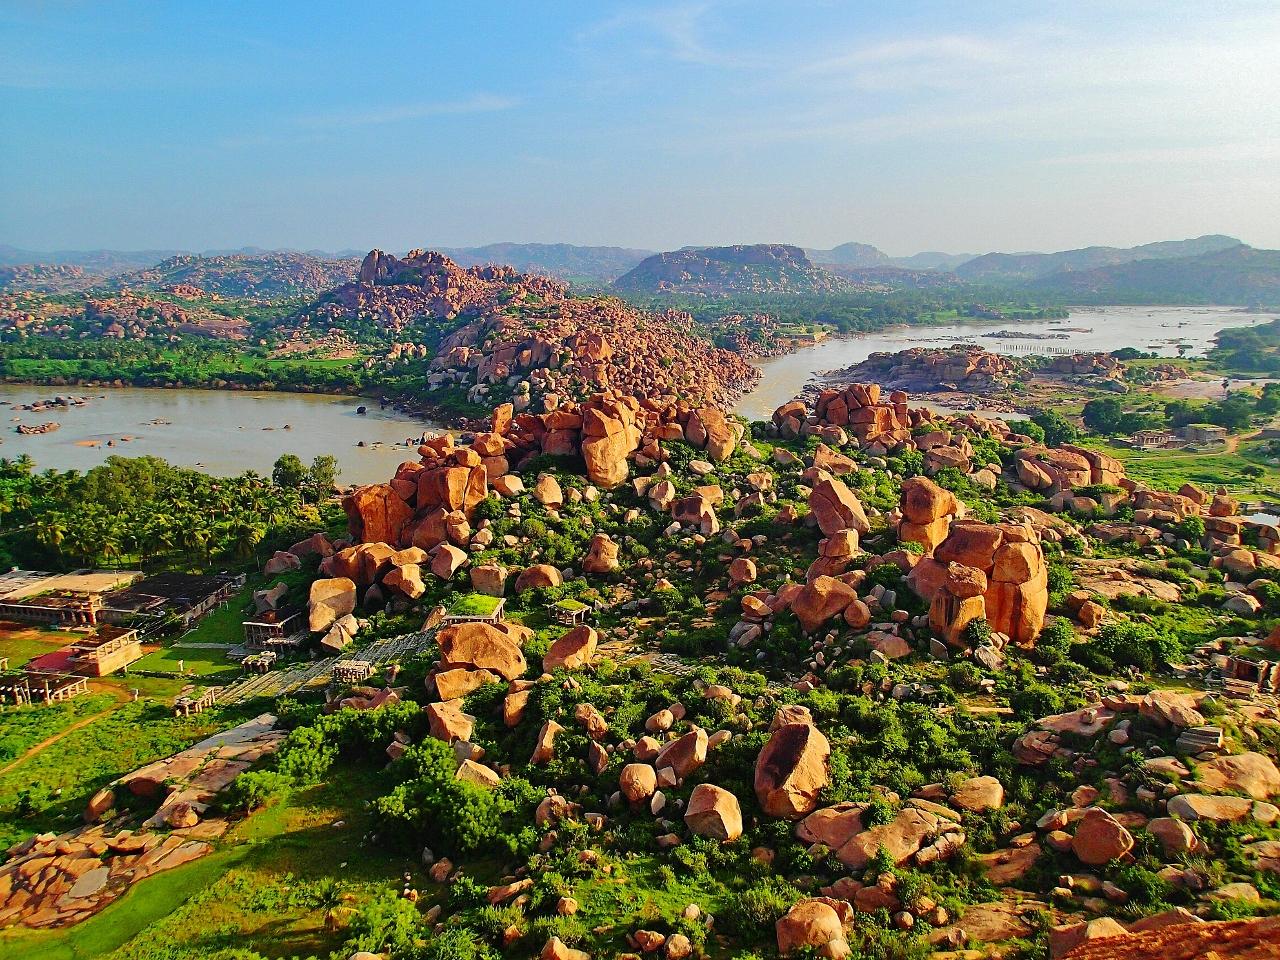 旅人を癒す絶景スポット!巨石群と遺跡の街「ハンピ」